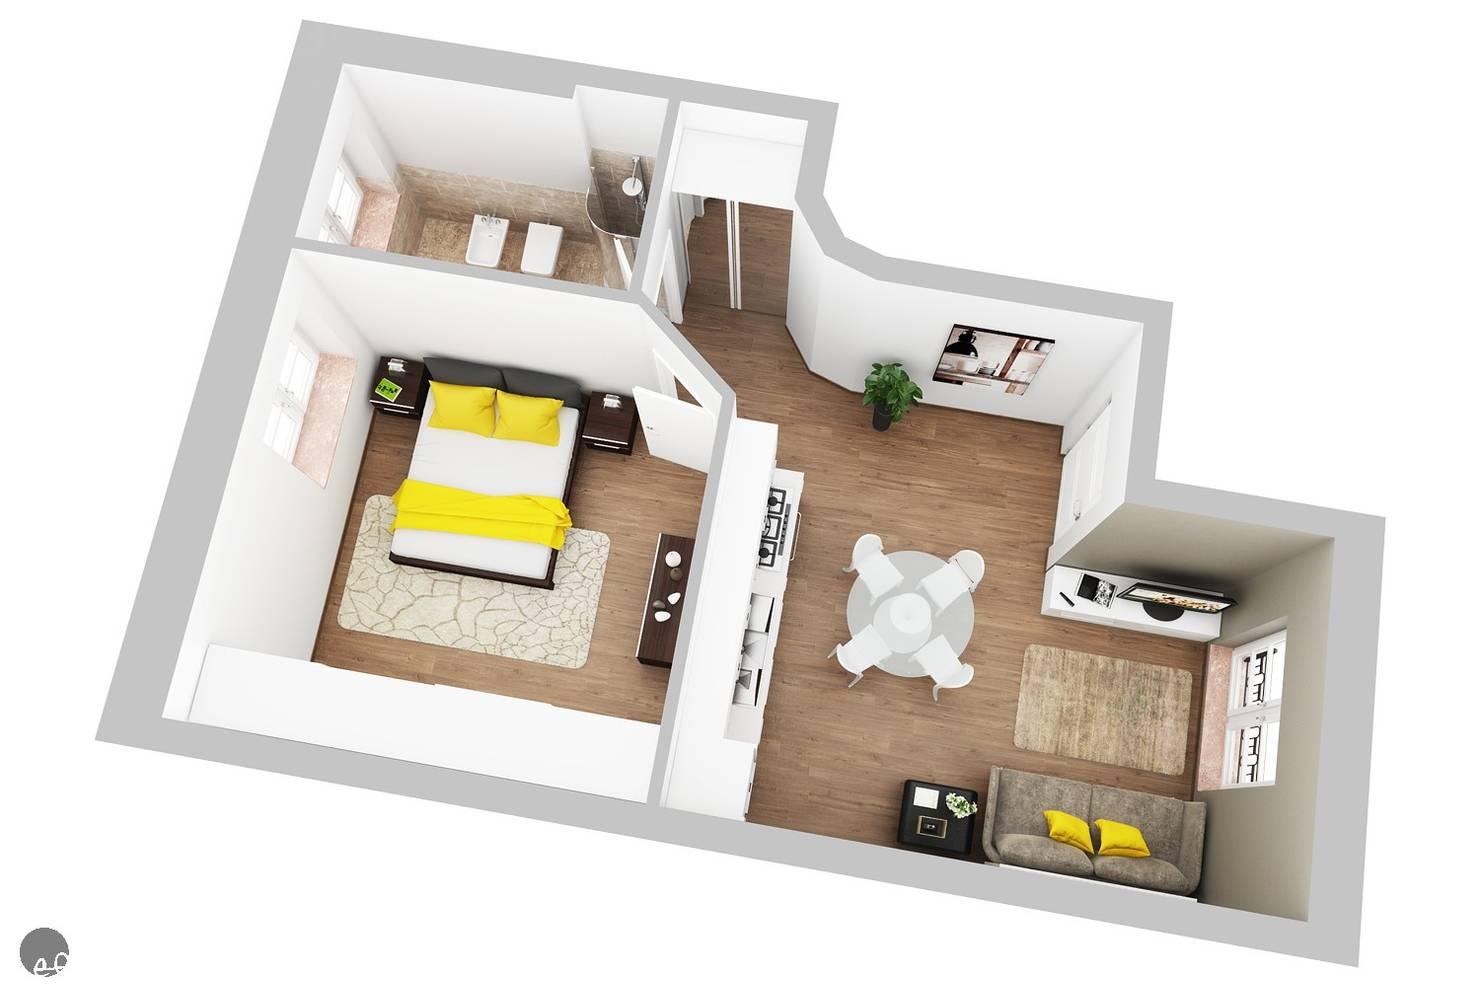 Progettare Casa di 40 mq: 15 Esempi Fantastici per Ispirarti